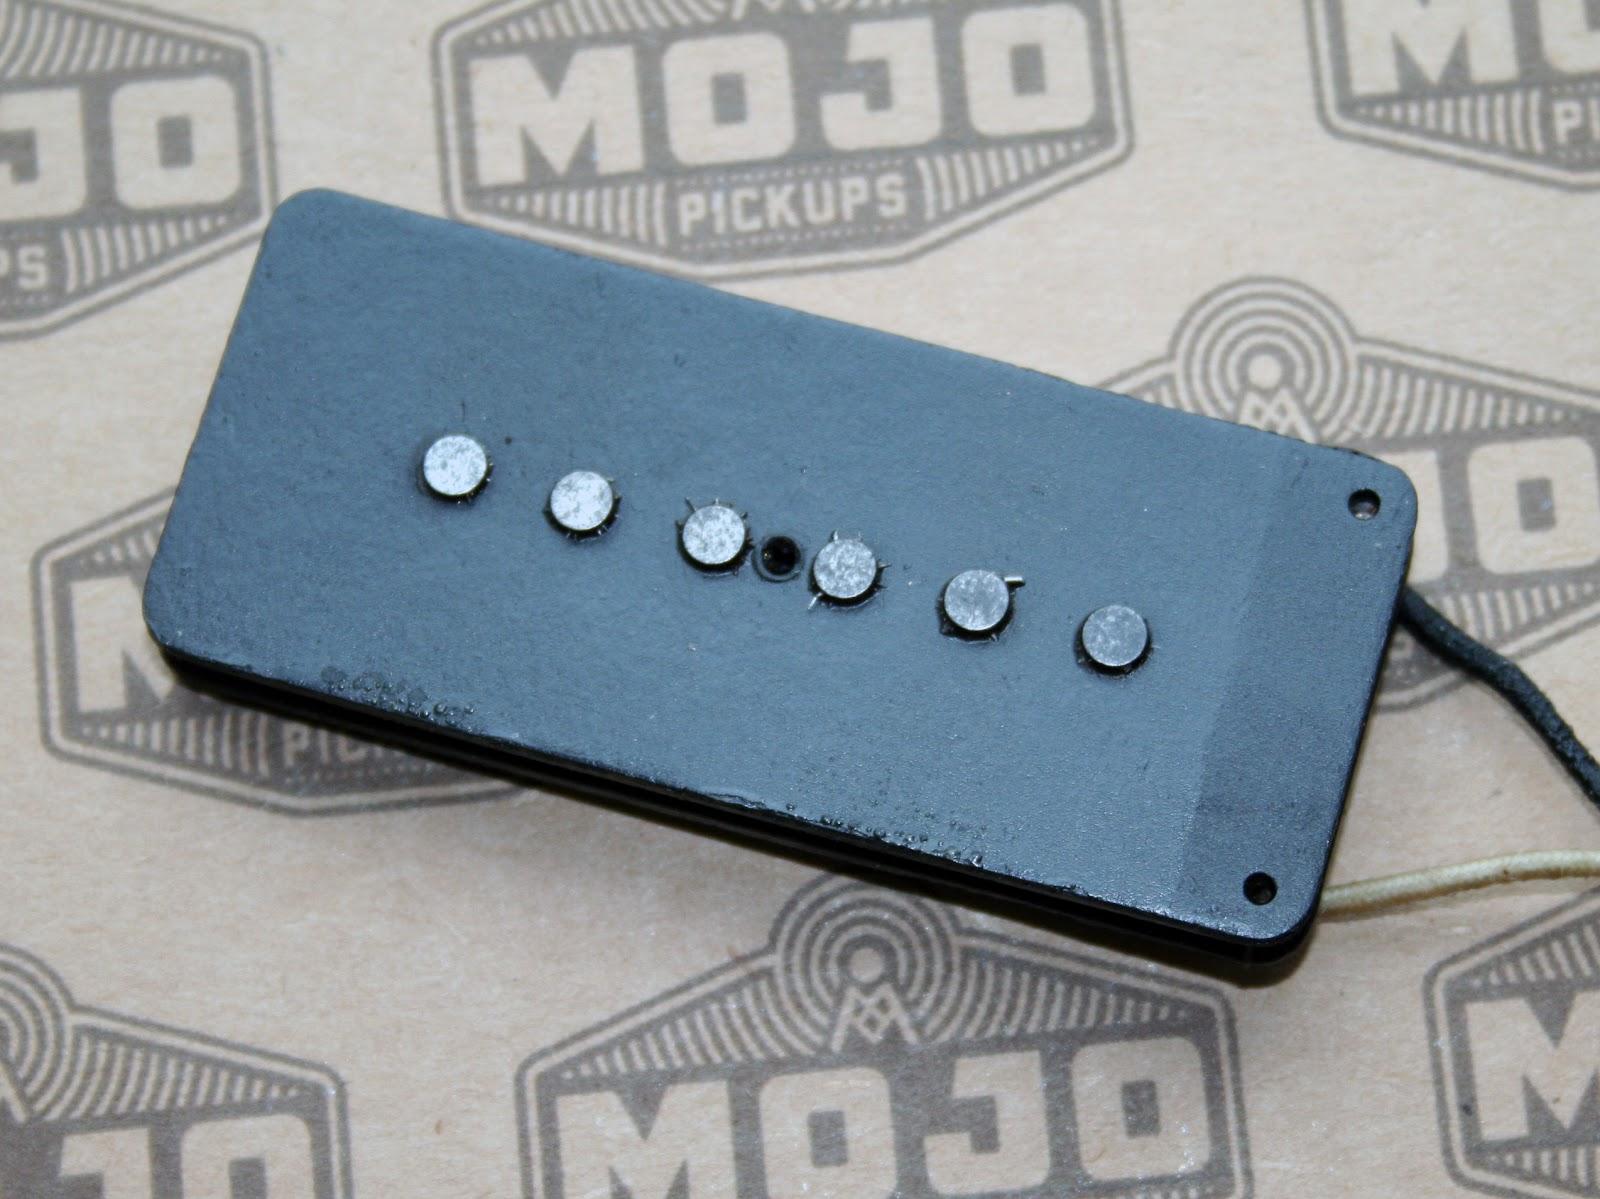 Mojo Pickups (UK) Rewinding a Pre CBS Jazzmaster Pickup | Mojo Pickups